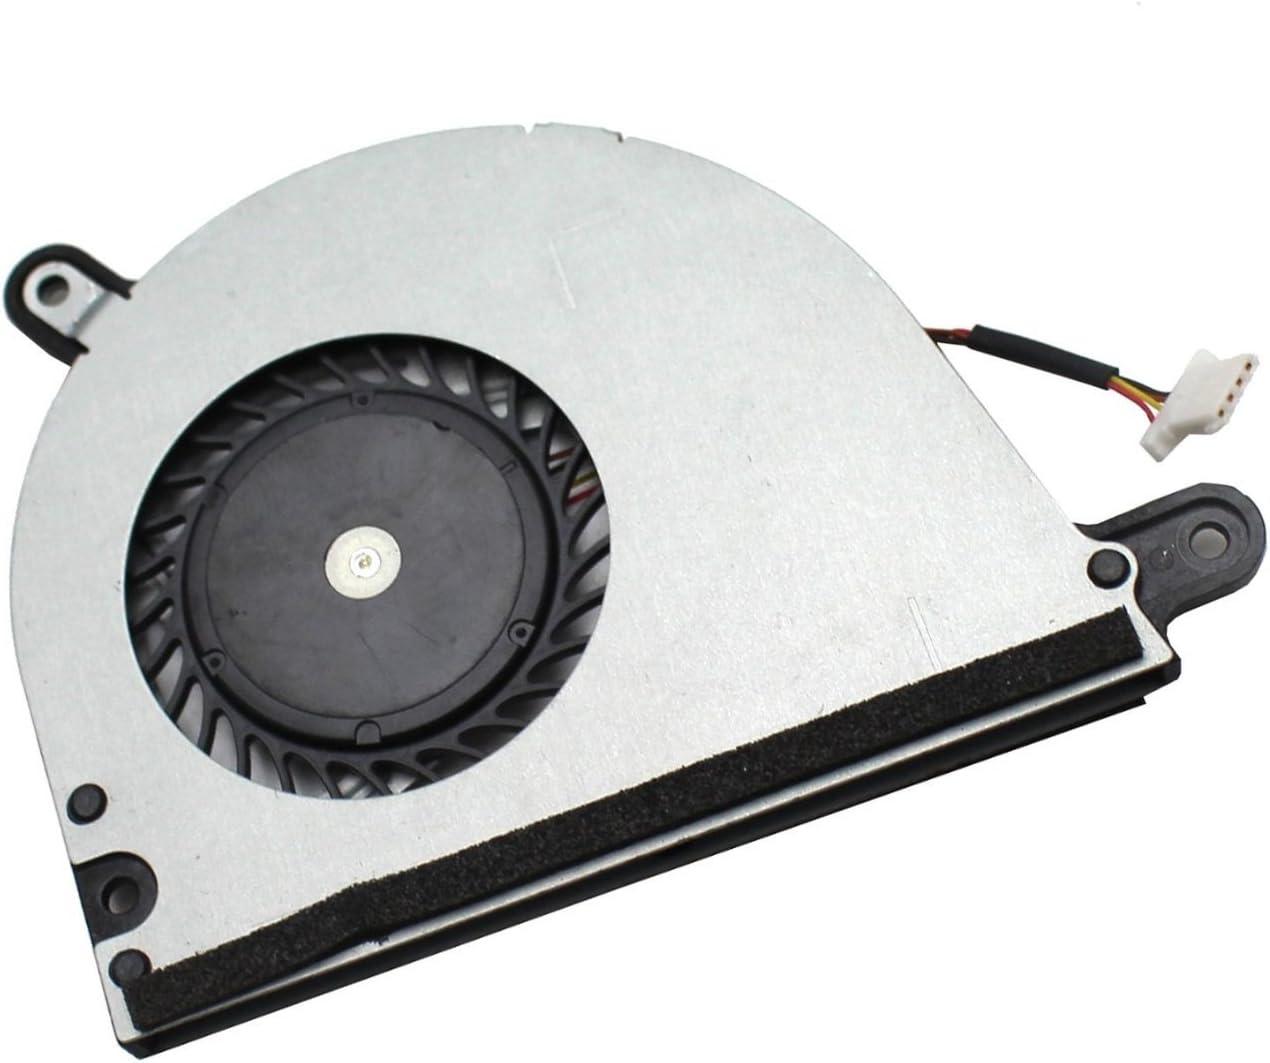 New CPU Cooling Fan for Lenovo Yoga 2 13 DC28000E4S0 EG50040S1-C450-S99 4Pin